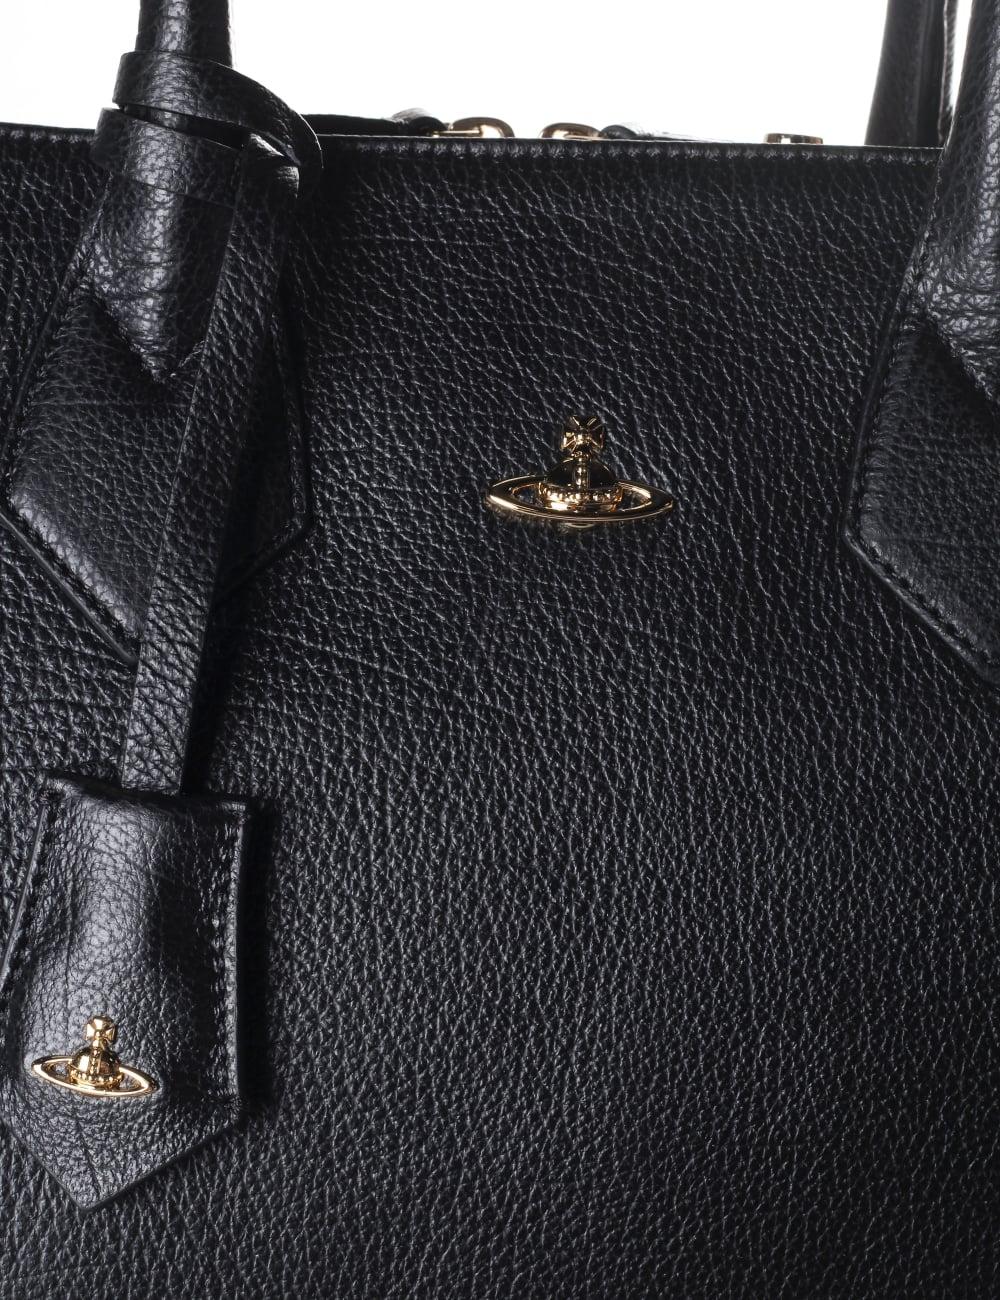 812c5c0a24a2 Vivienne Westwood Women s Balmoral Shopper Bag